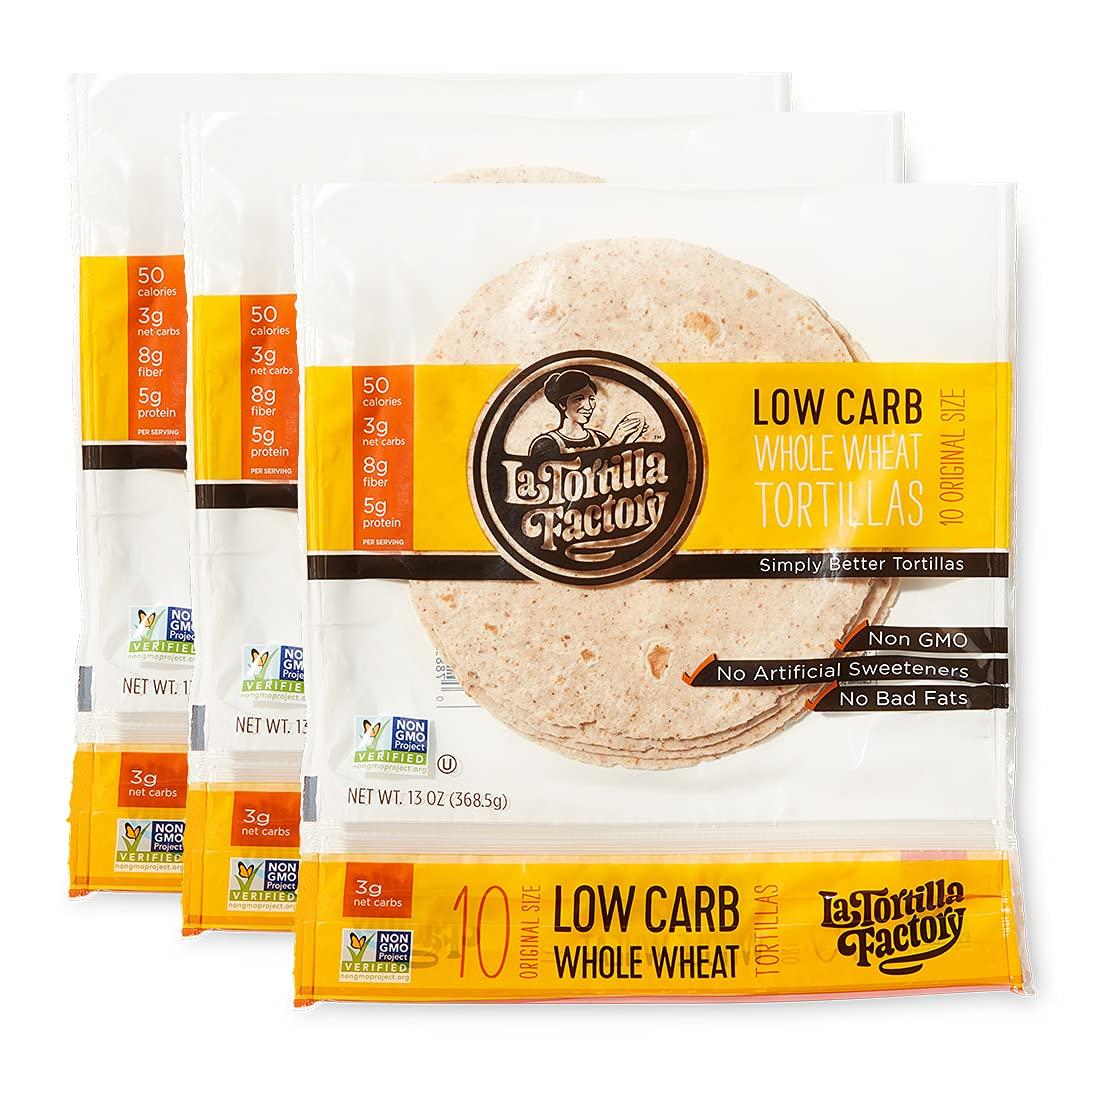 La Tortilla Factory Low Carb Max 62% OFF Whole Max 67% OFF Net Wheat Carbs 3g Tortillas